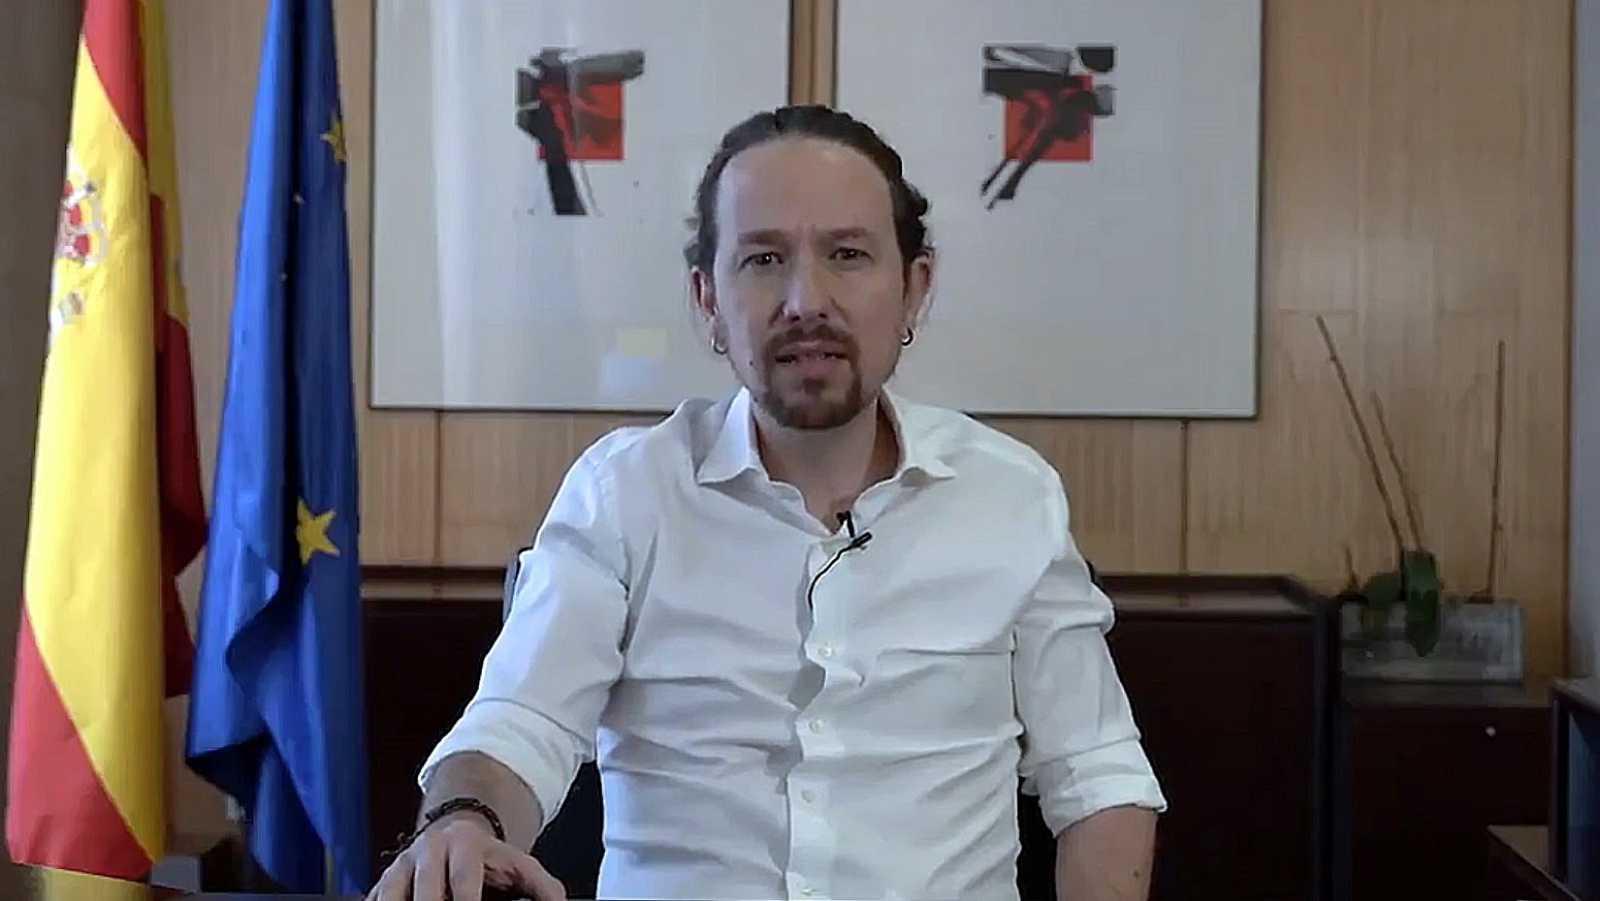 Iglesias abandona el Gobierno y será candidato a presidir la Comunidad de Madrid